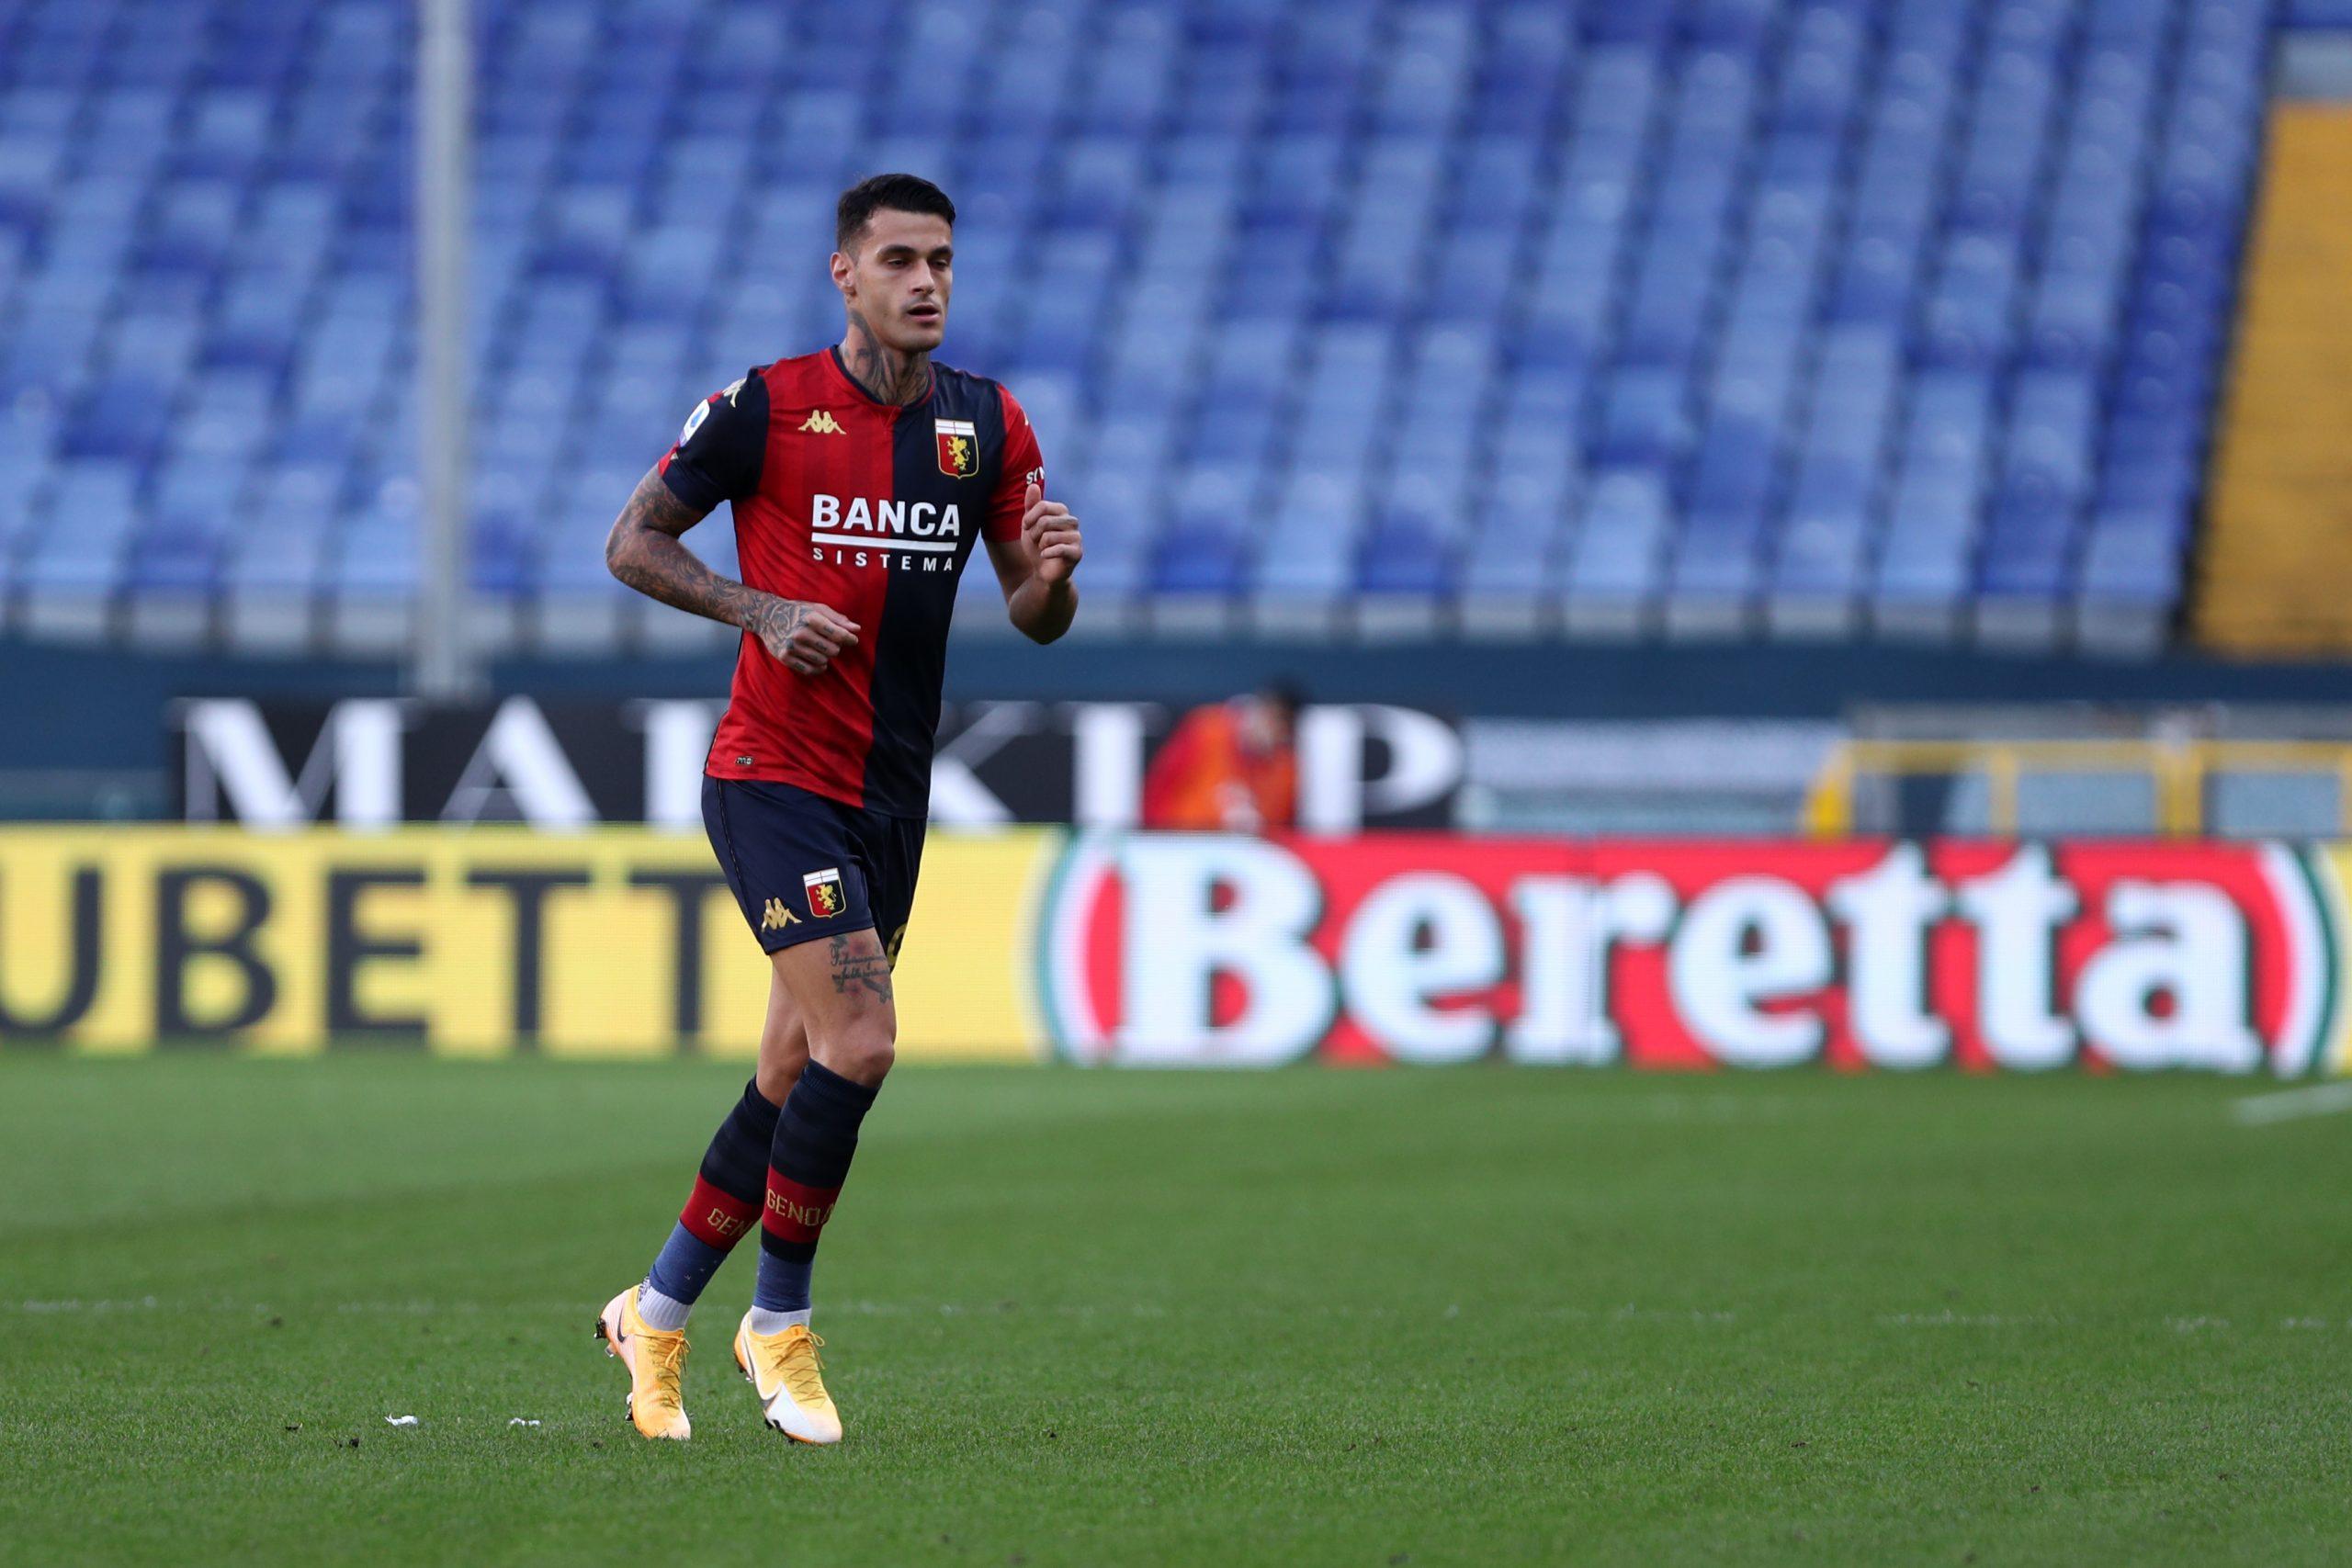 Fiorentina-Genoa, le formazioni ufficiali: Destro-Scamacca avanti